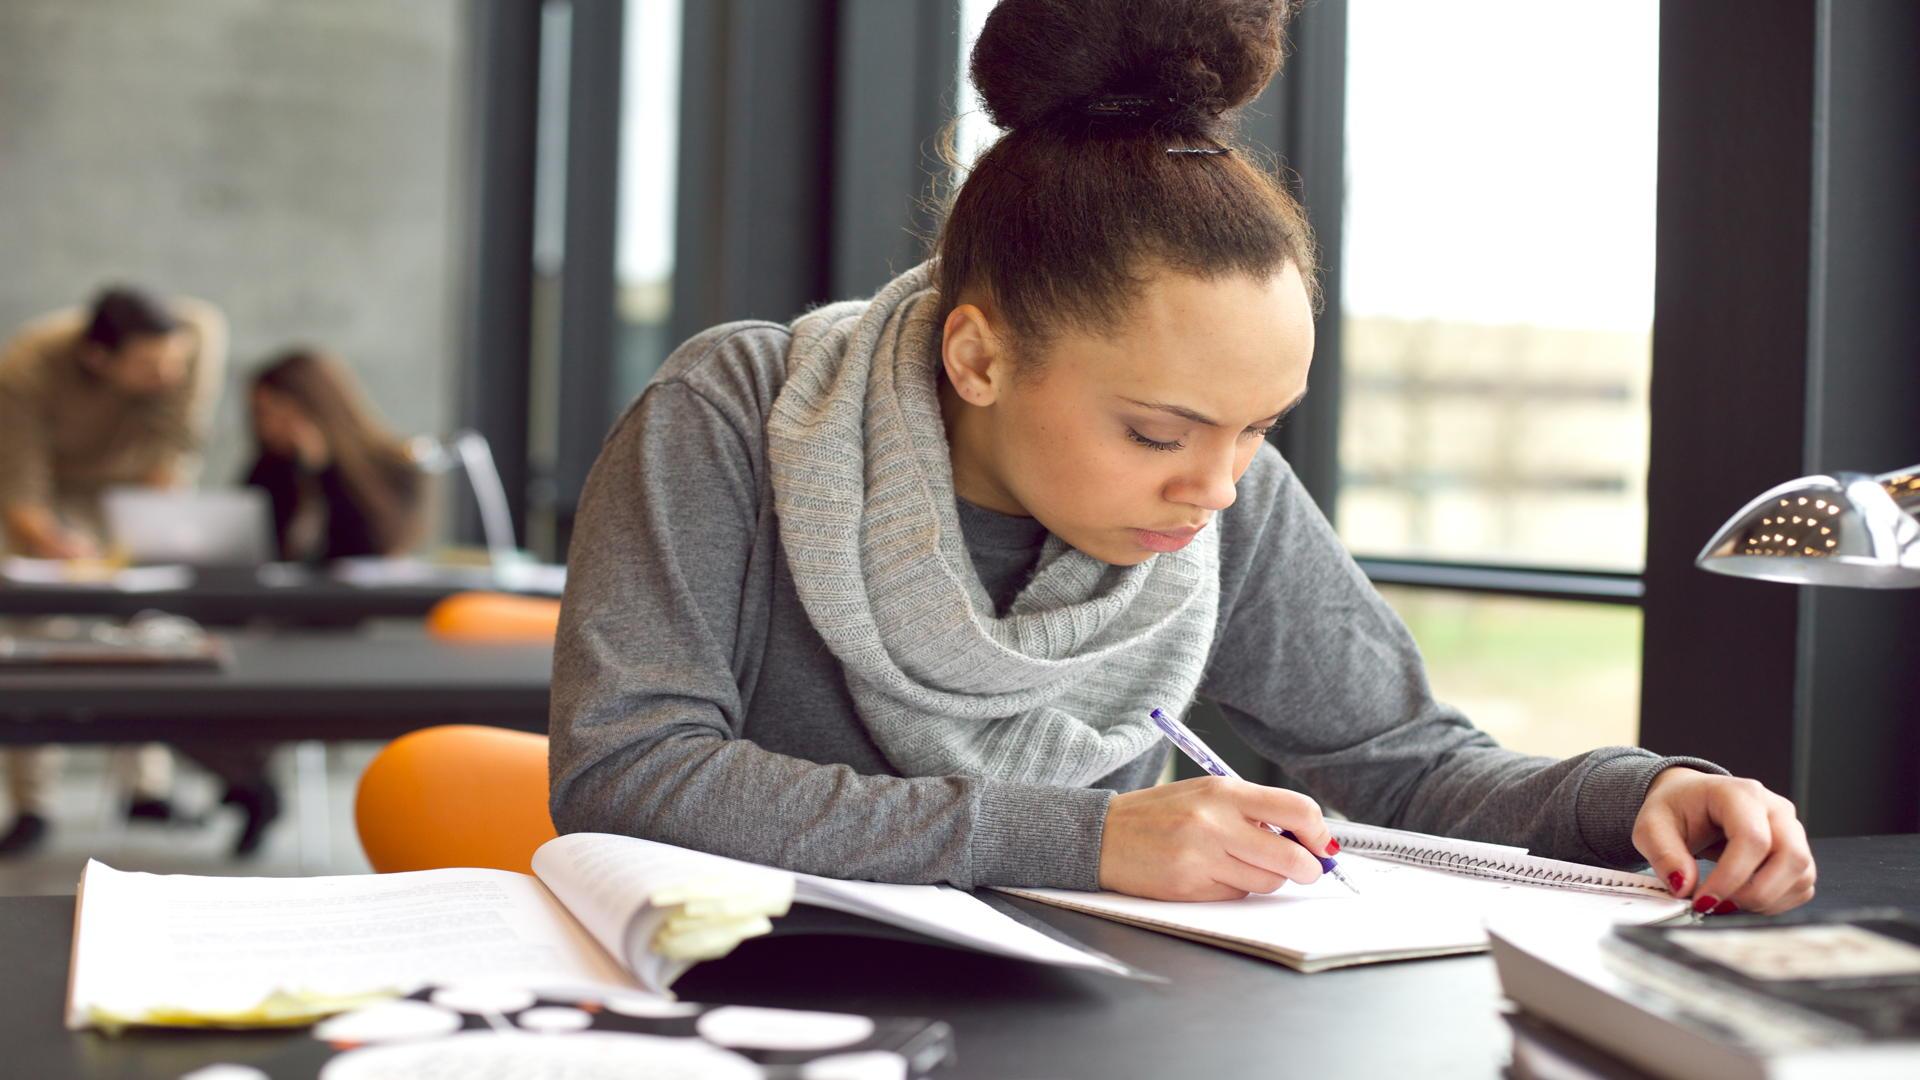 סטודנטית מכינה עבודה אקדמית